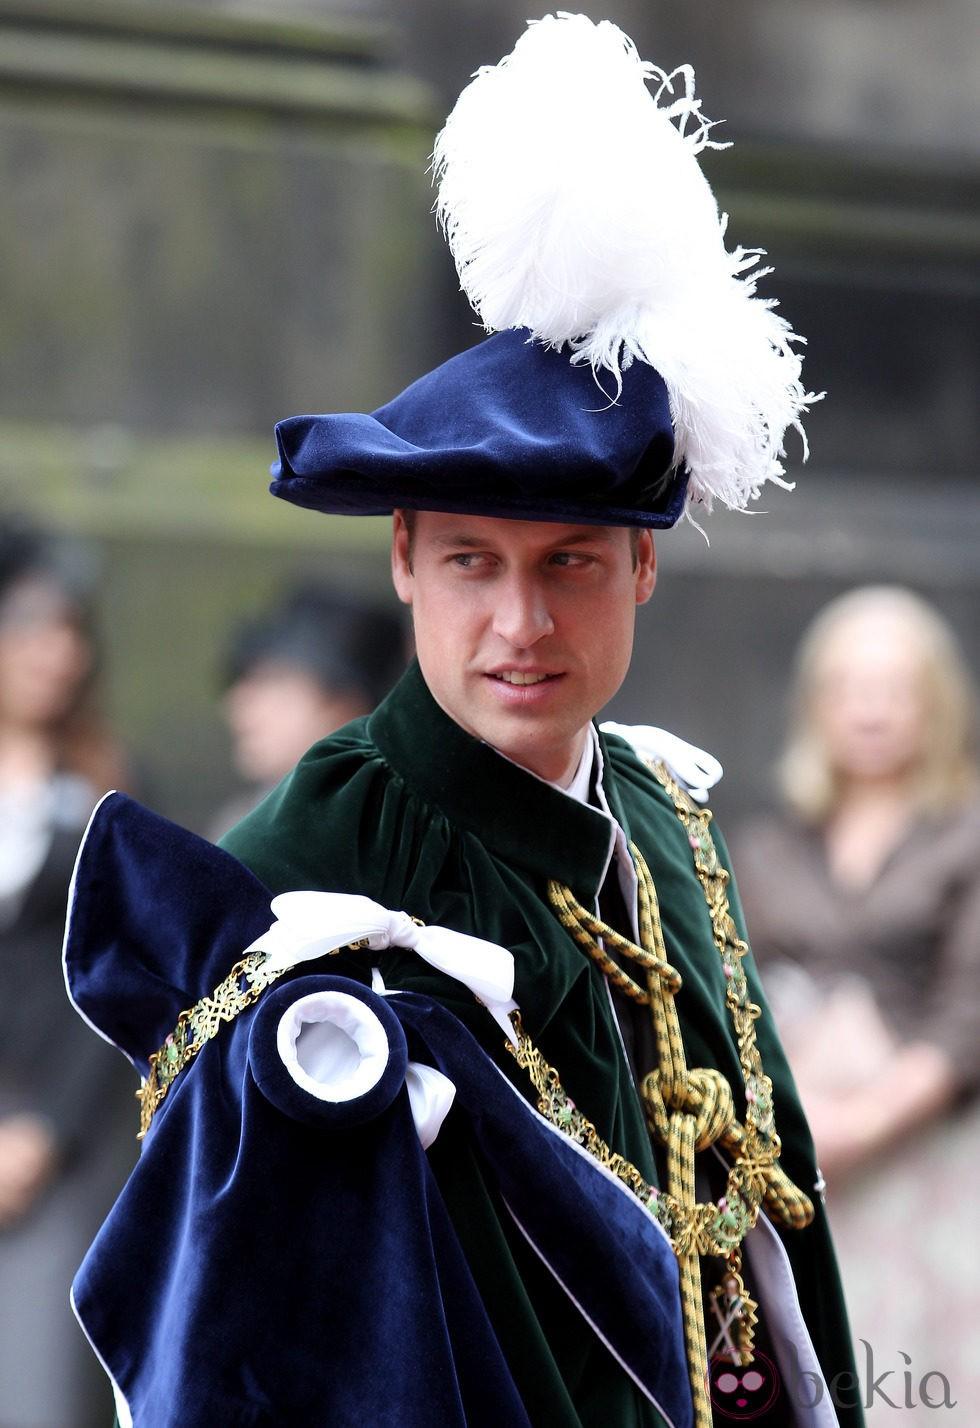 El Príncipe Guillermo en su nombramiento como Caballero de la Orden del Cardo